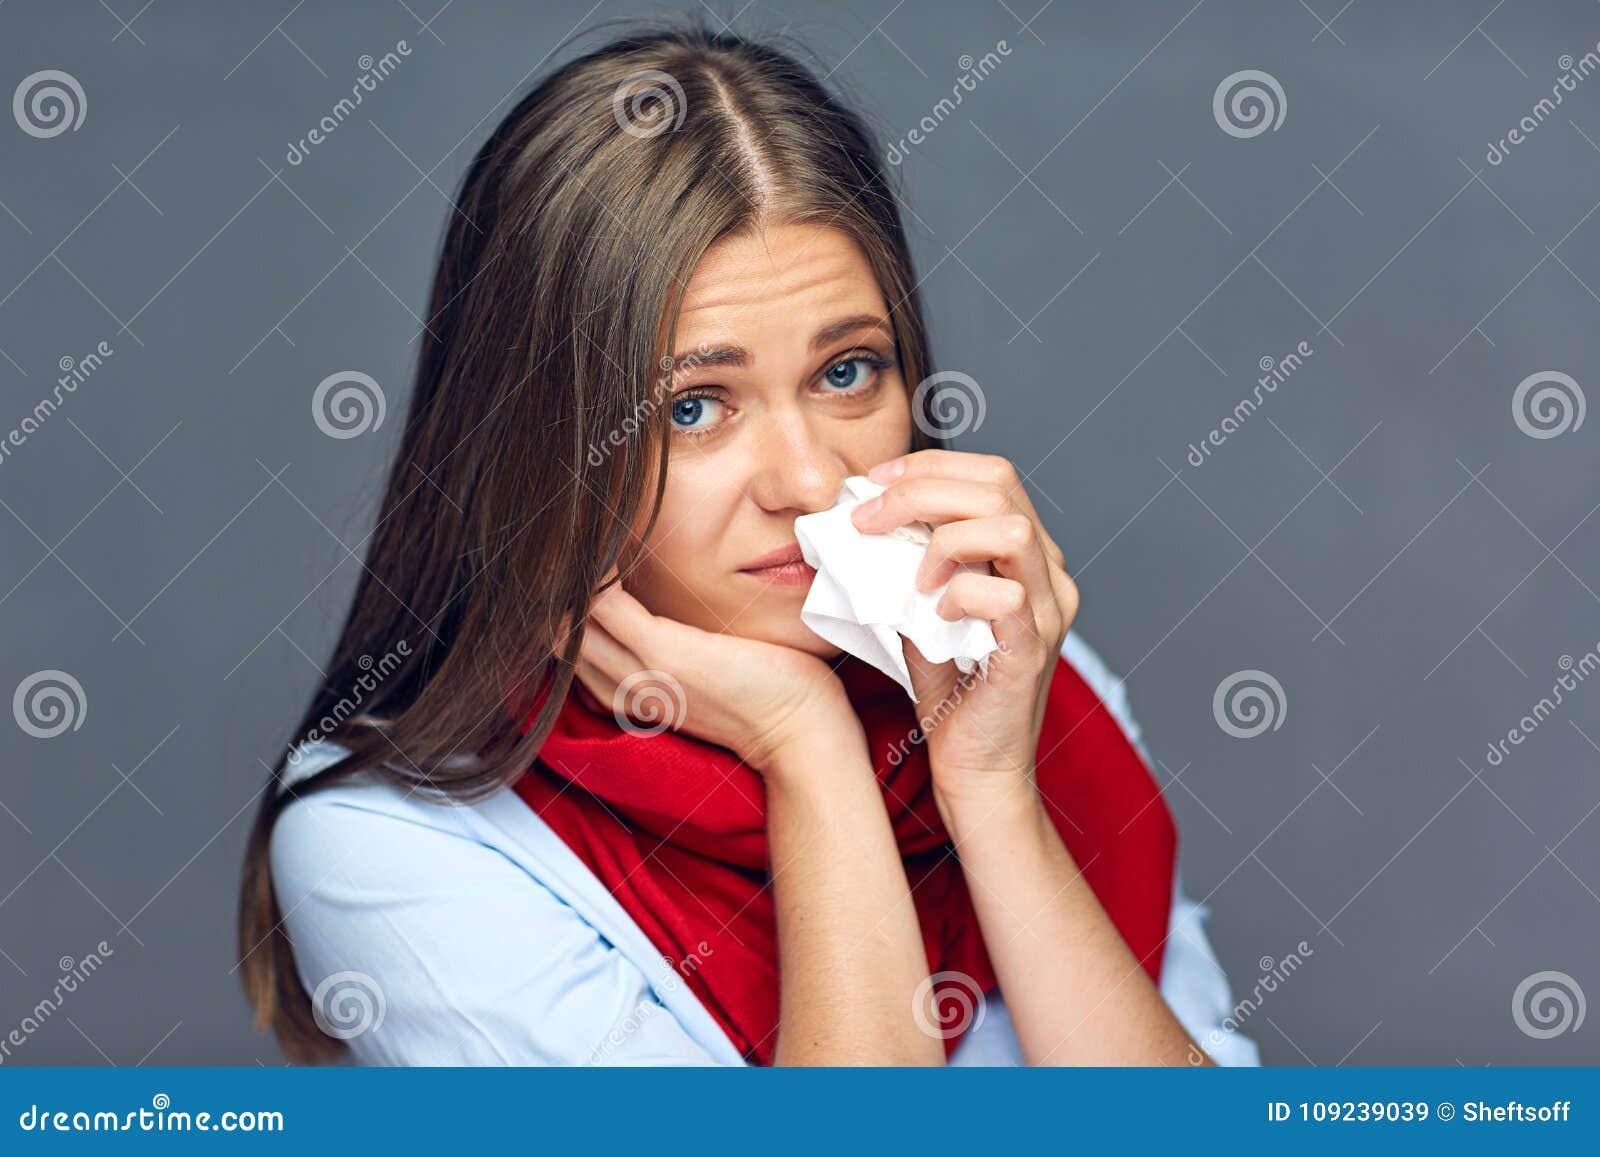 Allergieën of het papieren zakdoekje van de de vrouwenholding van de griepziekte